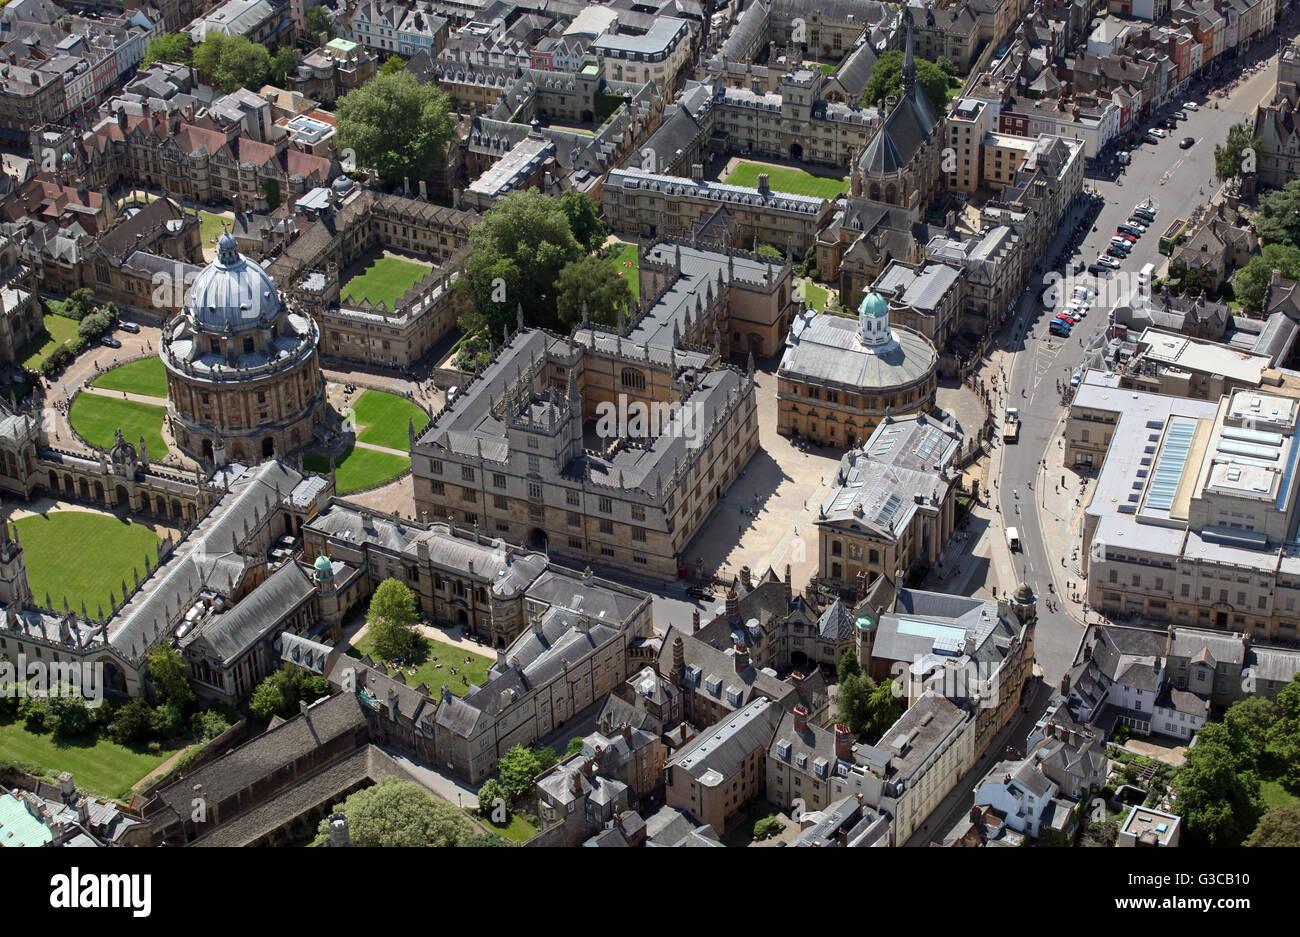 Vista aerea della Radcliffe Camera & biblioteca Bodleian, Oxford University, Regno Unito Immagini Stock